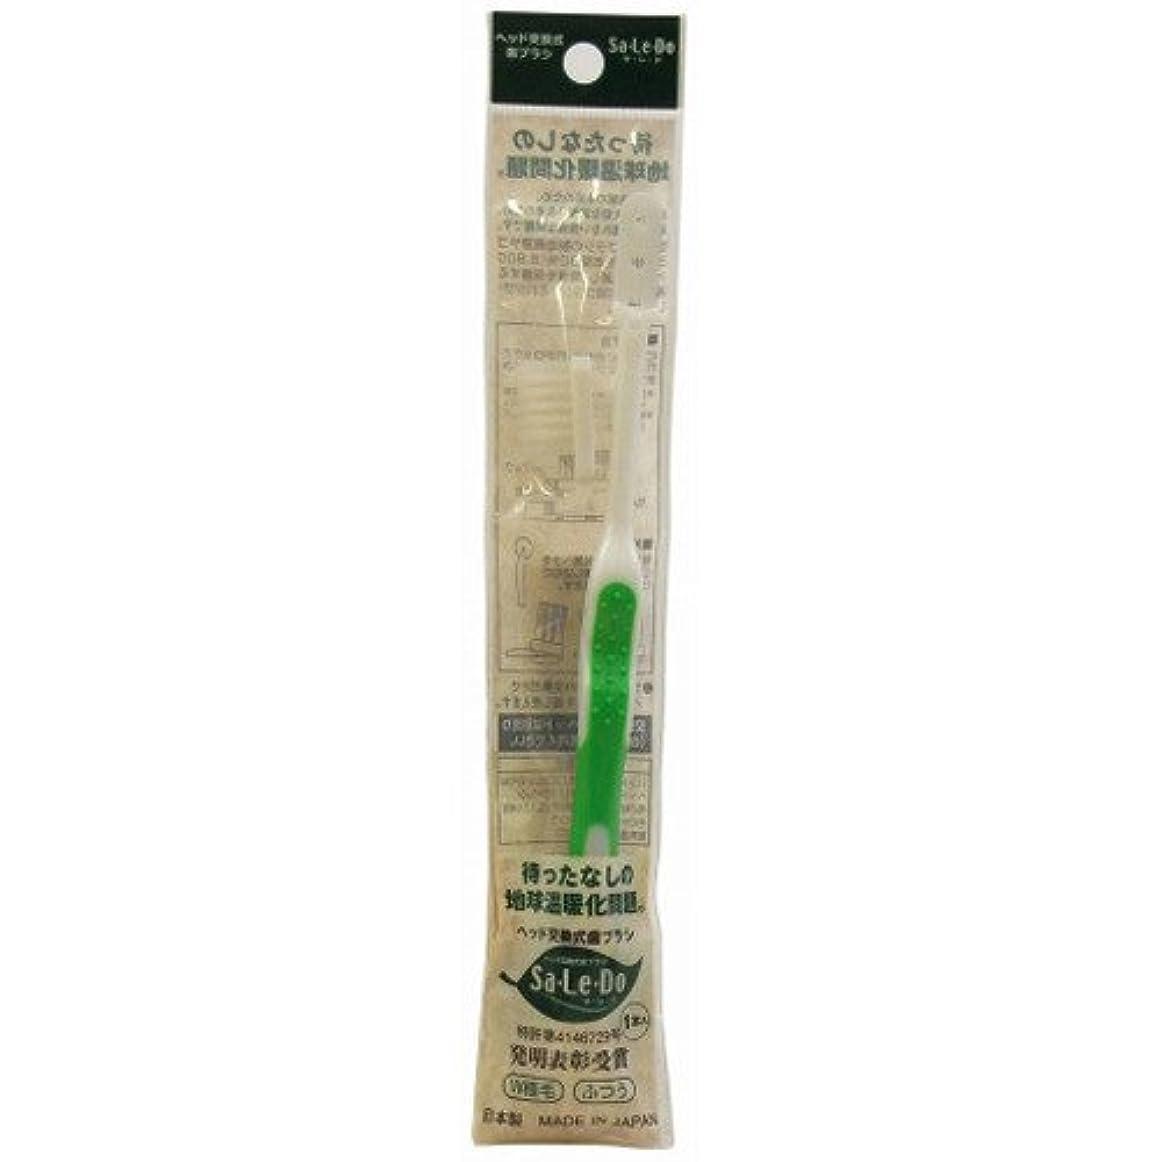 想定意味おとうさんサレド ヘッド交換式歯ブラシ お試しセット レギュラーヘッド グリーン